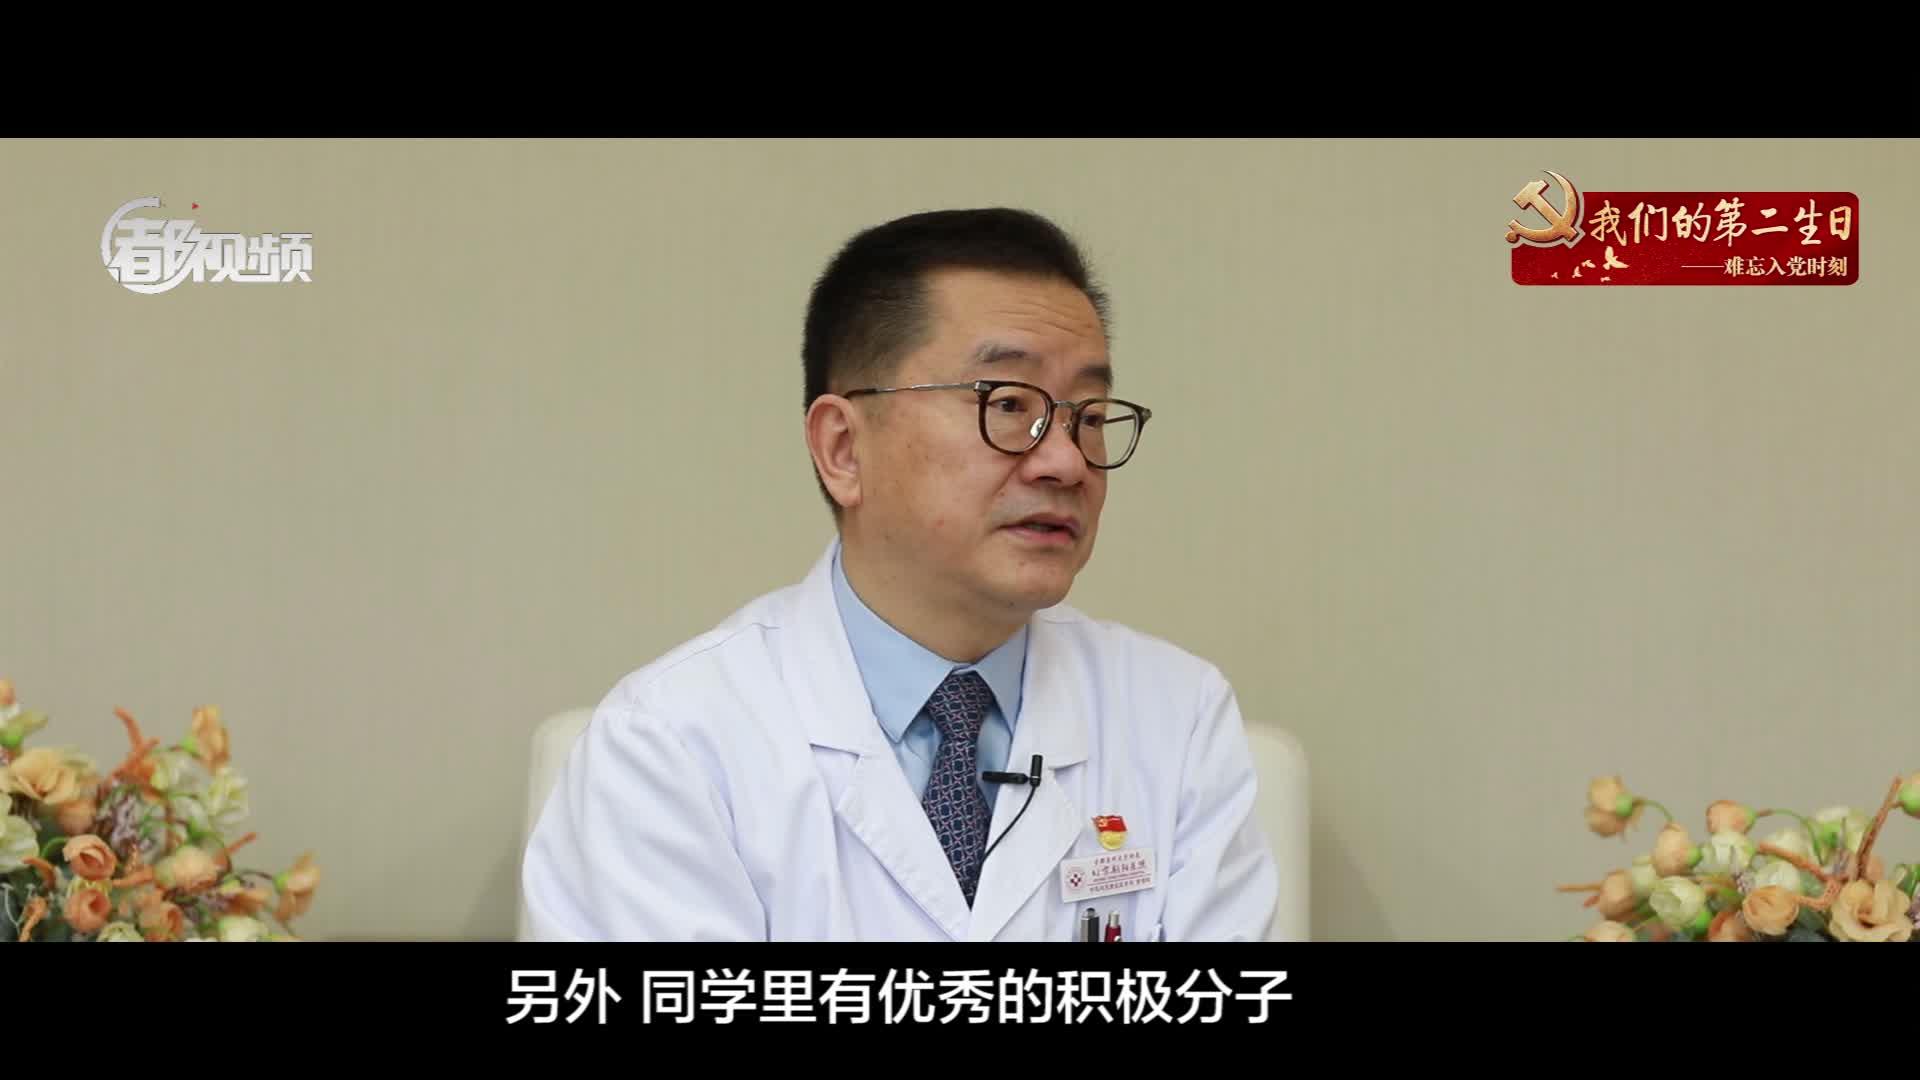 我们的第二生日 北京朝阳医院副院长童朝晖:国有需要,我会随时再出征